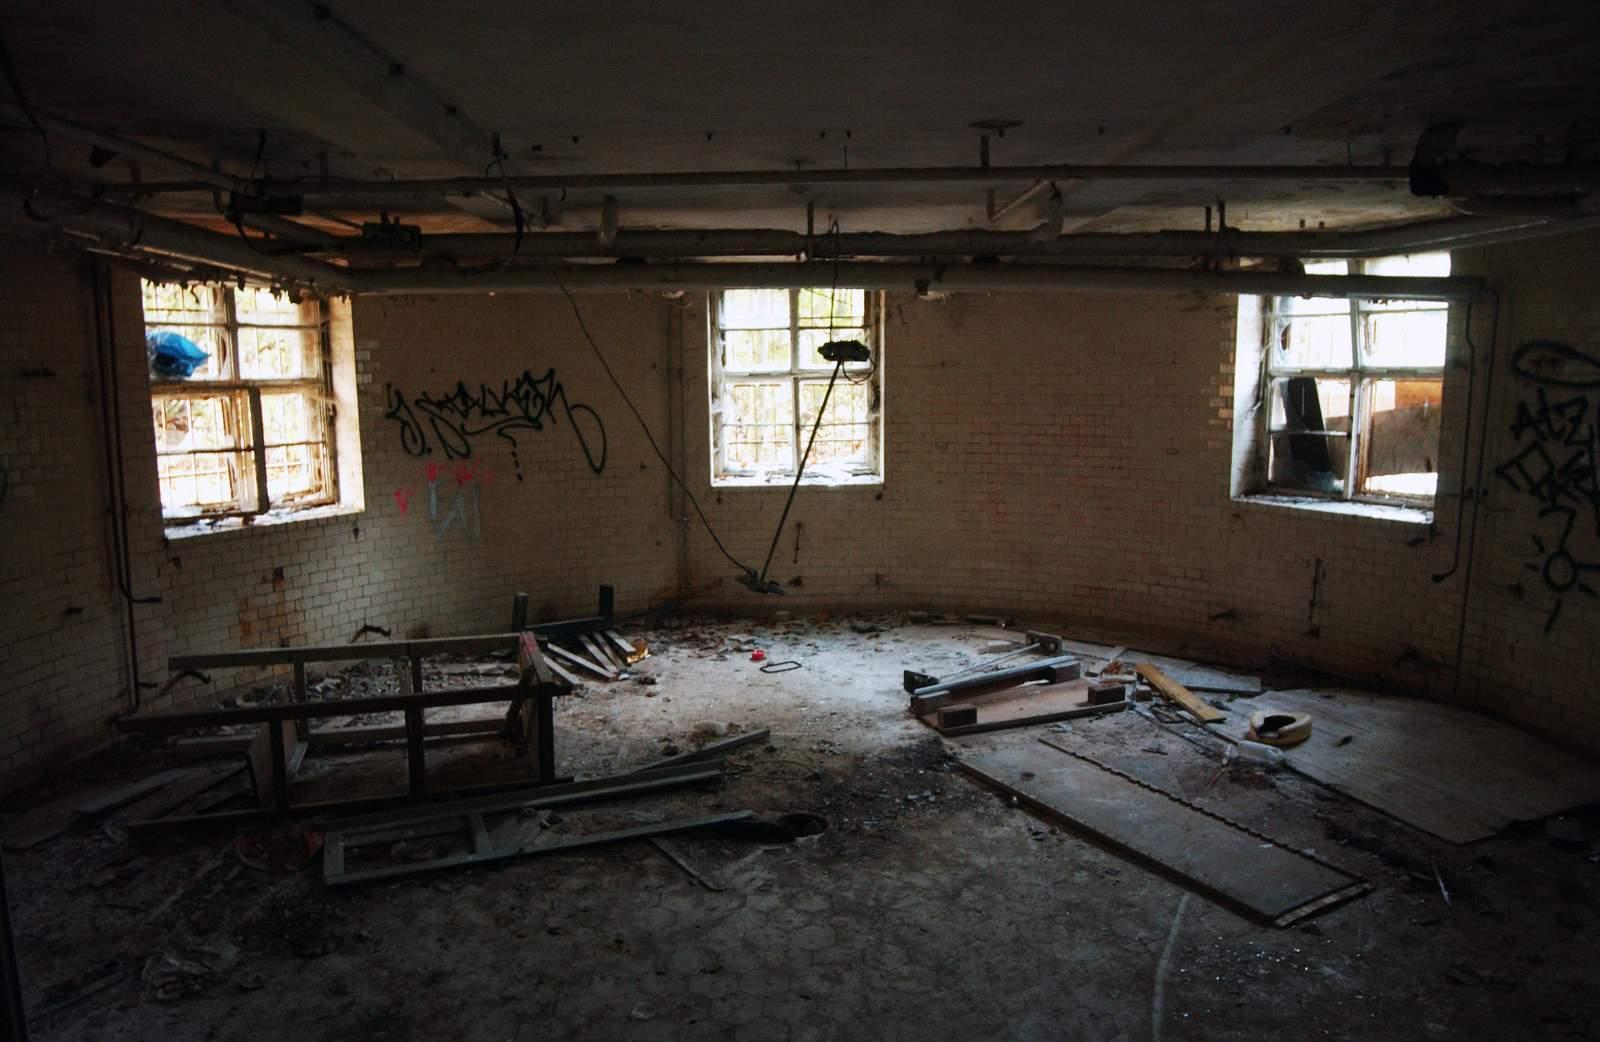 beelitz heilstatten14 Abandoned Beelitz Heilstatten Hospital